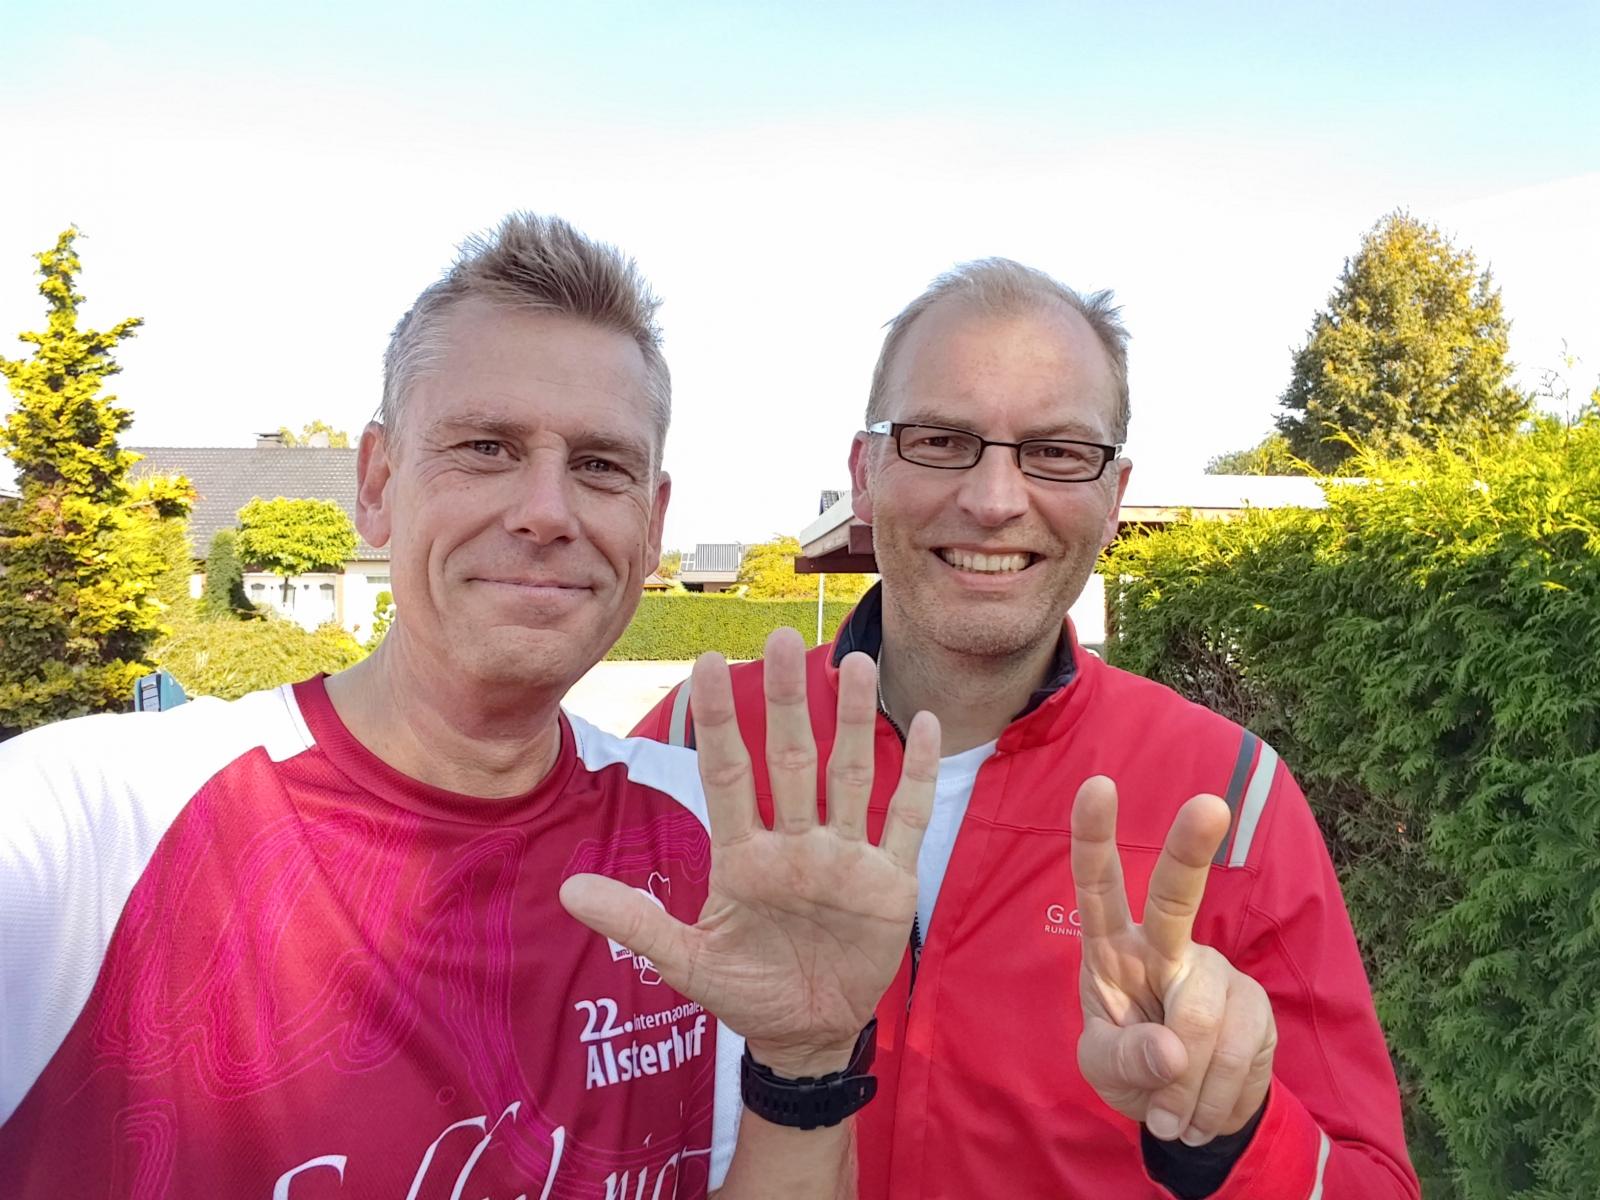 Beimdiek-Klaus-Peter-34-Challenge-Brueckenlauf-1XxIw